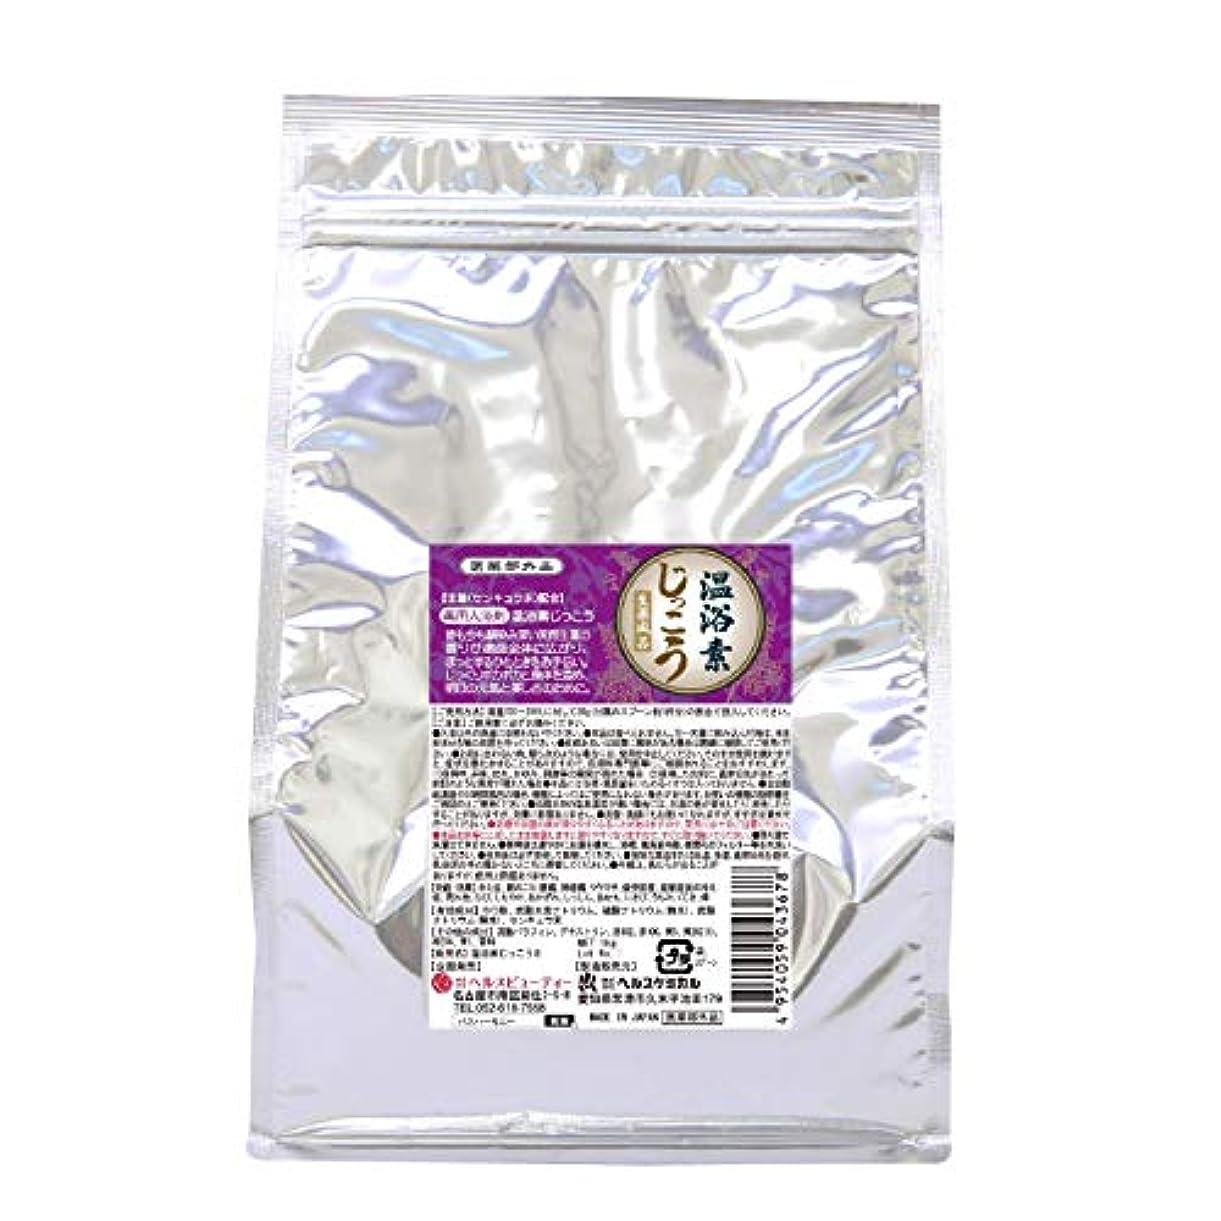 普及薬優しい入浴剤 湯匠仕込 温浴素じっこう 生薬 薬湯 1kg 50回分 お徳用 医薬部外品